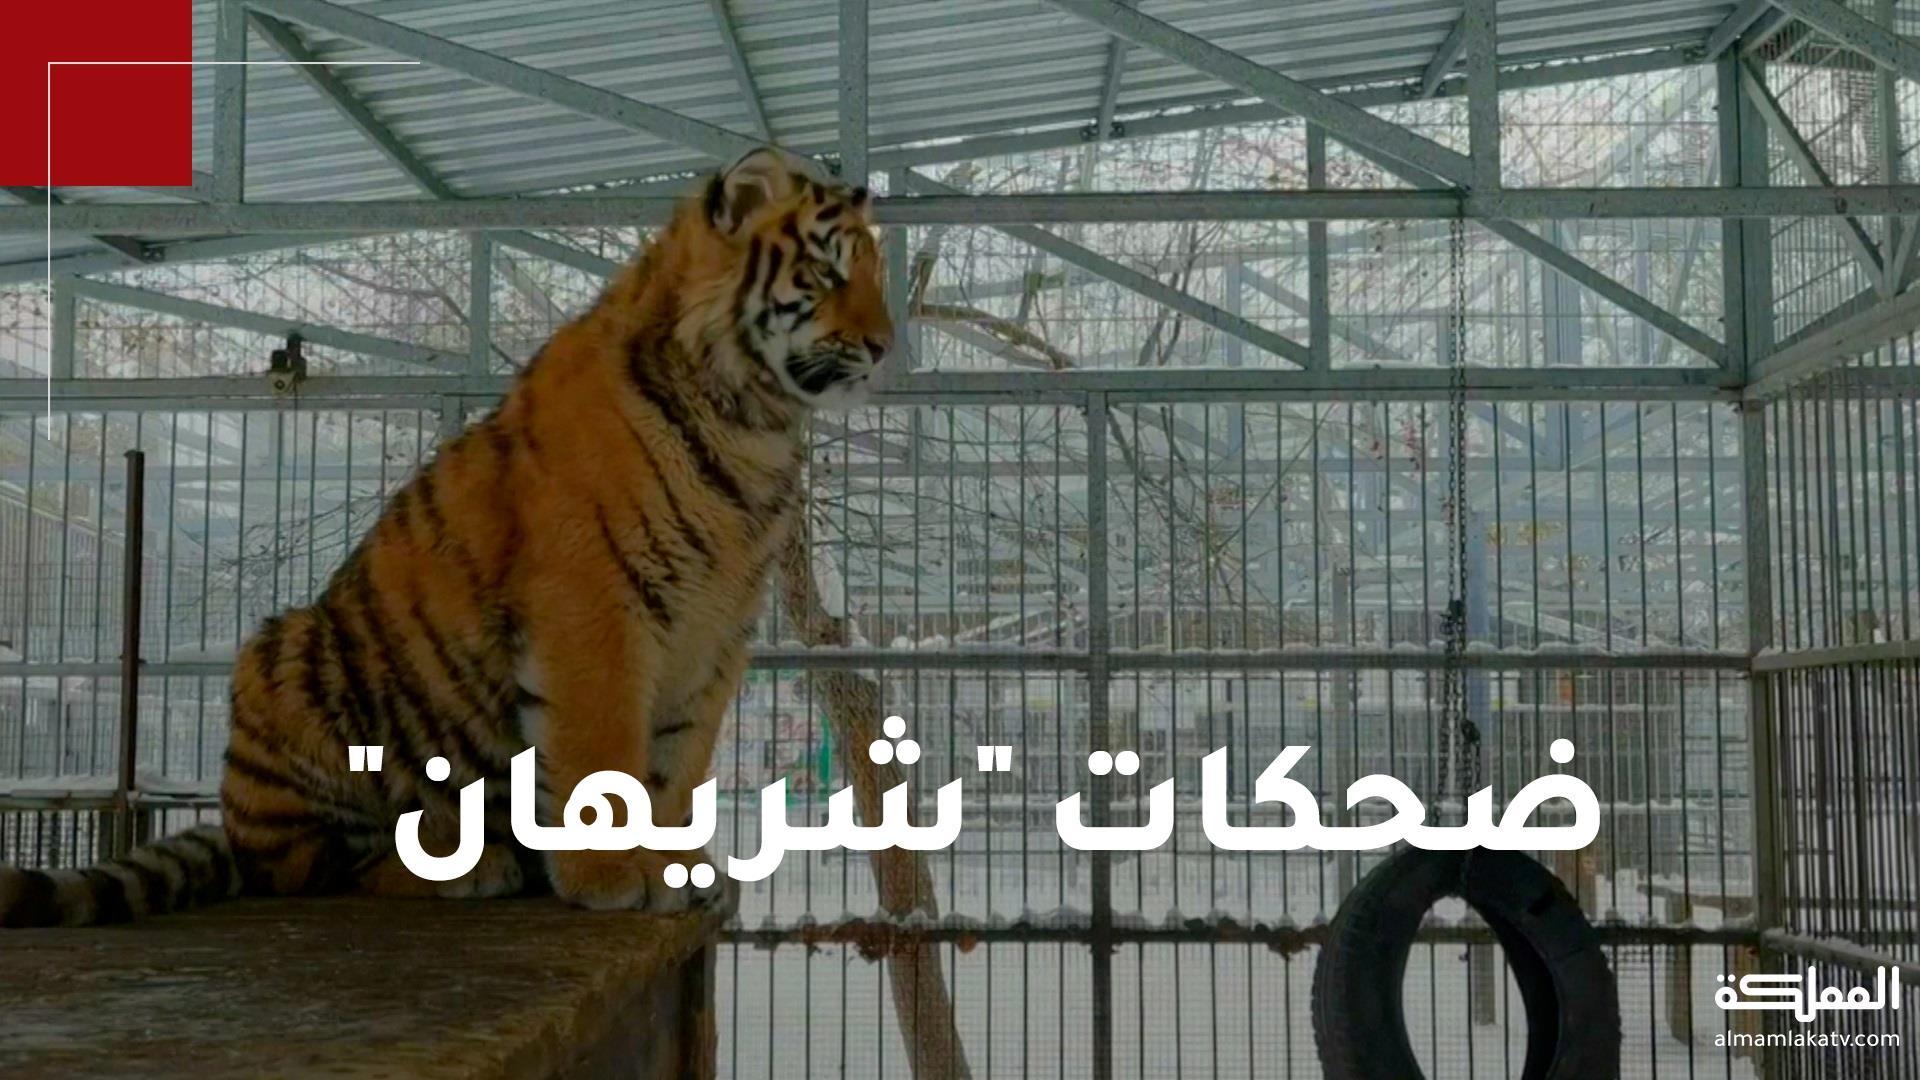 """أصوات شبيهة بالضحك يصدرها النمر """"شريهان"""".. في طريقة يتواصل فيها مع والدته"""